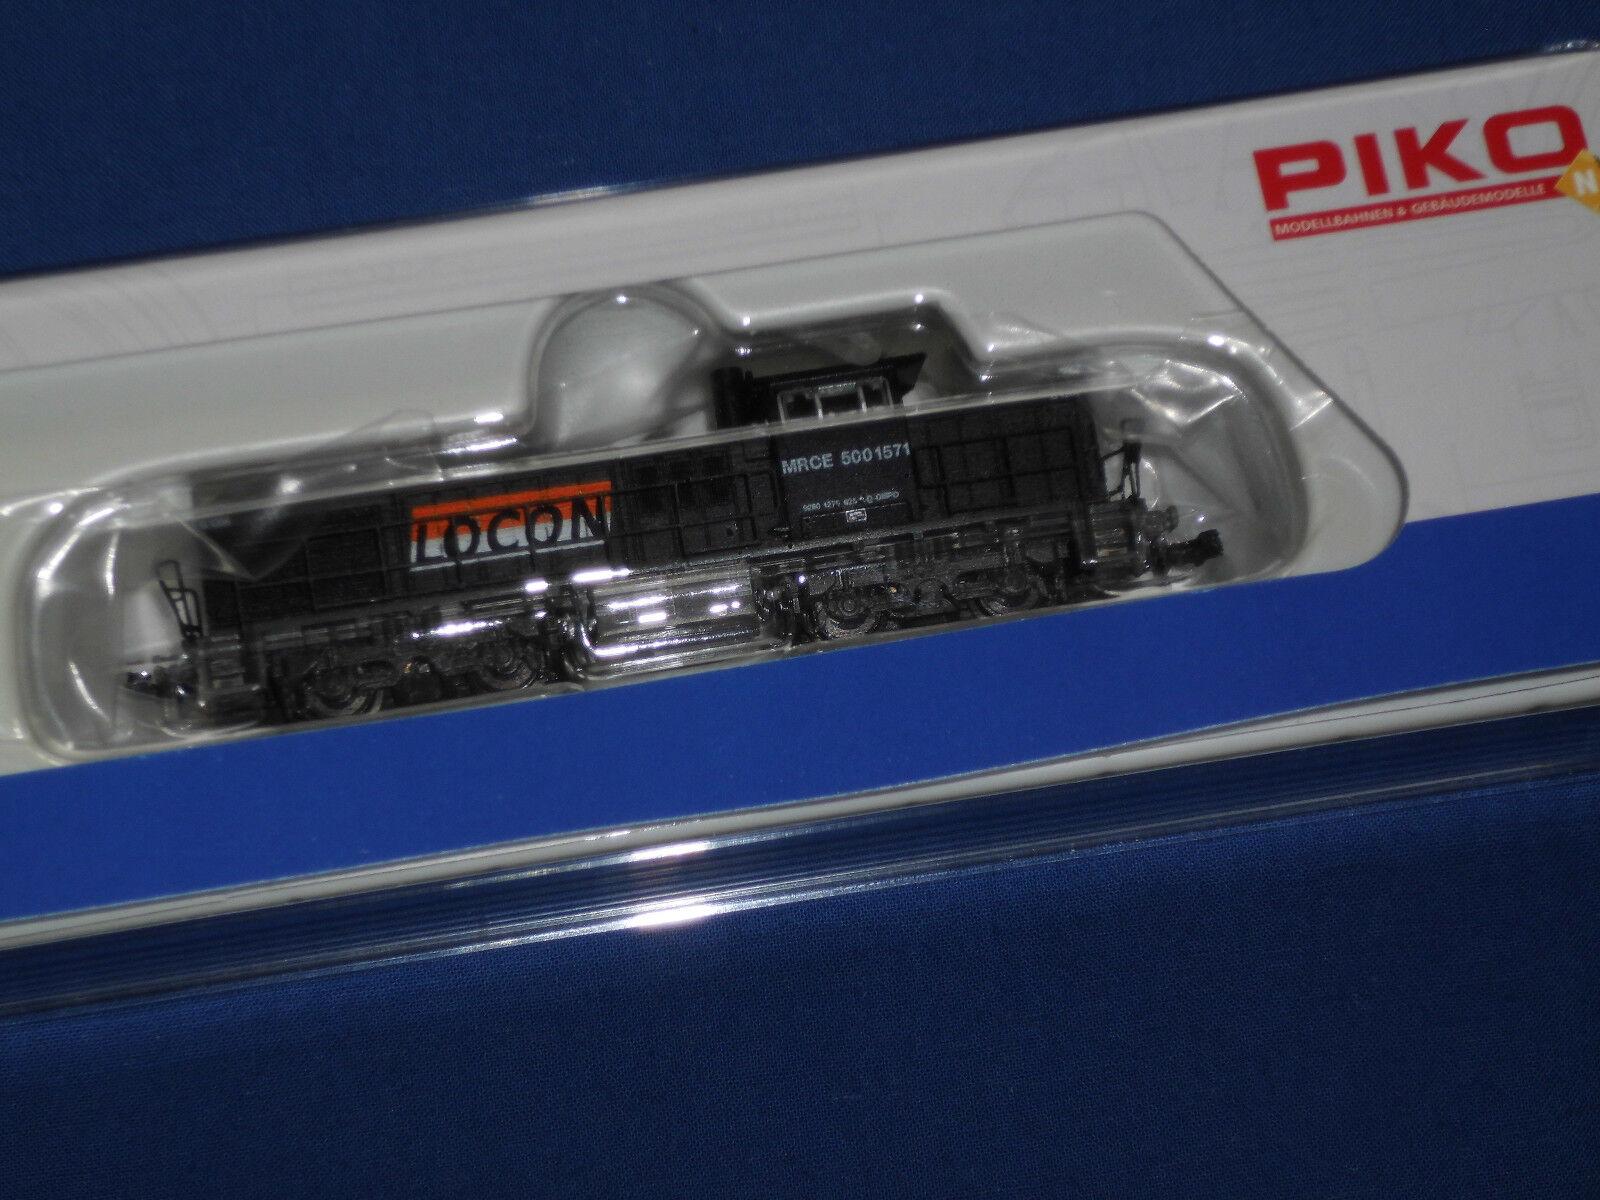 Piko Piko Piko 40417 Diesellok G 1206 MRCE   LOCON Ep IV Spur N Gleichstrom NEU & OVP    Feinbearbeitung  e62ddd